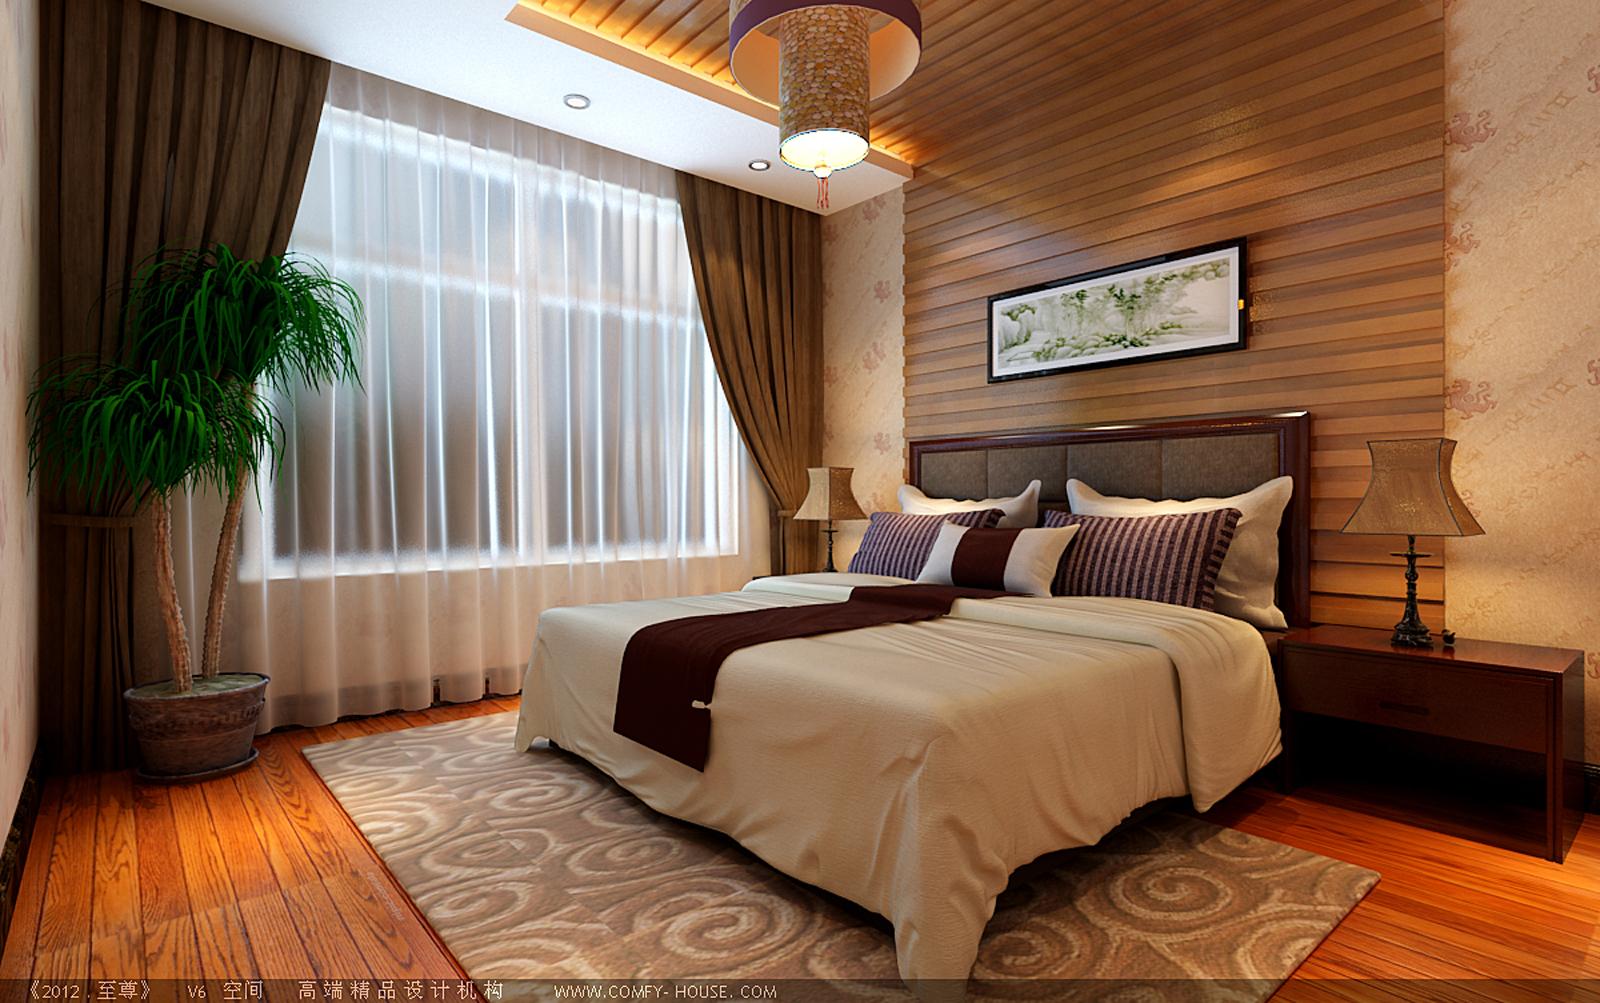 天海誉天下 217平米 石家庄实创 石家庄装修 卧室图片来自北京实创集团在天海誉天下217平米C户型的分享